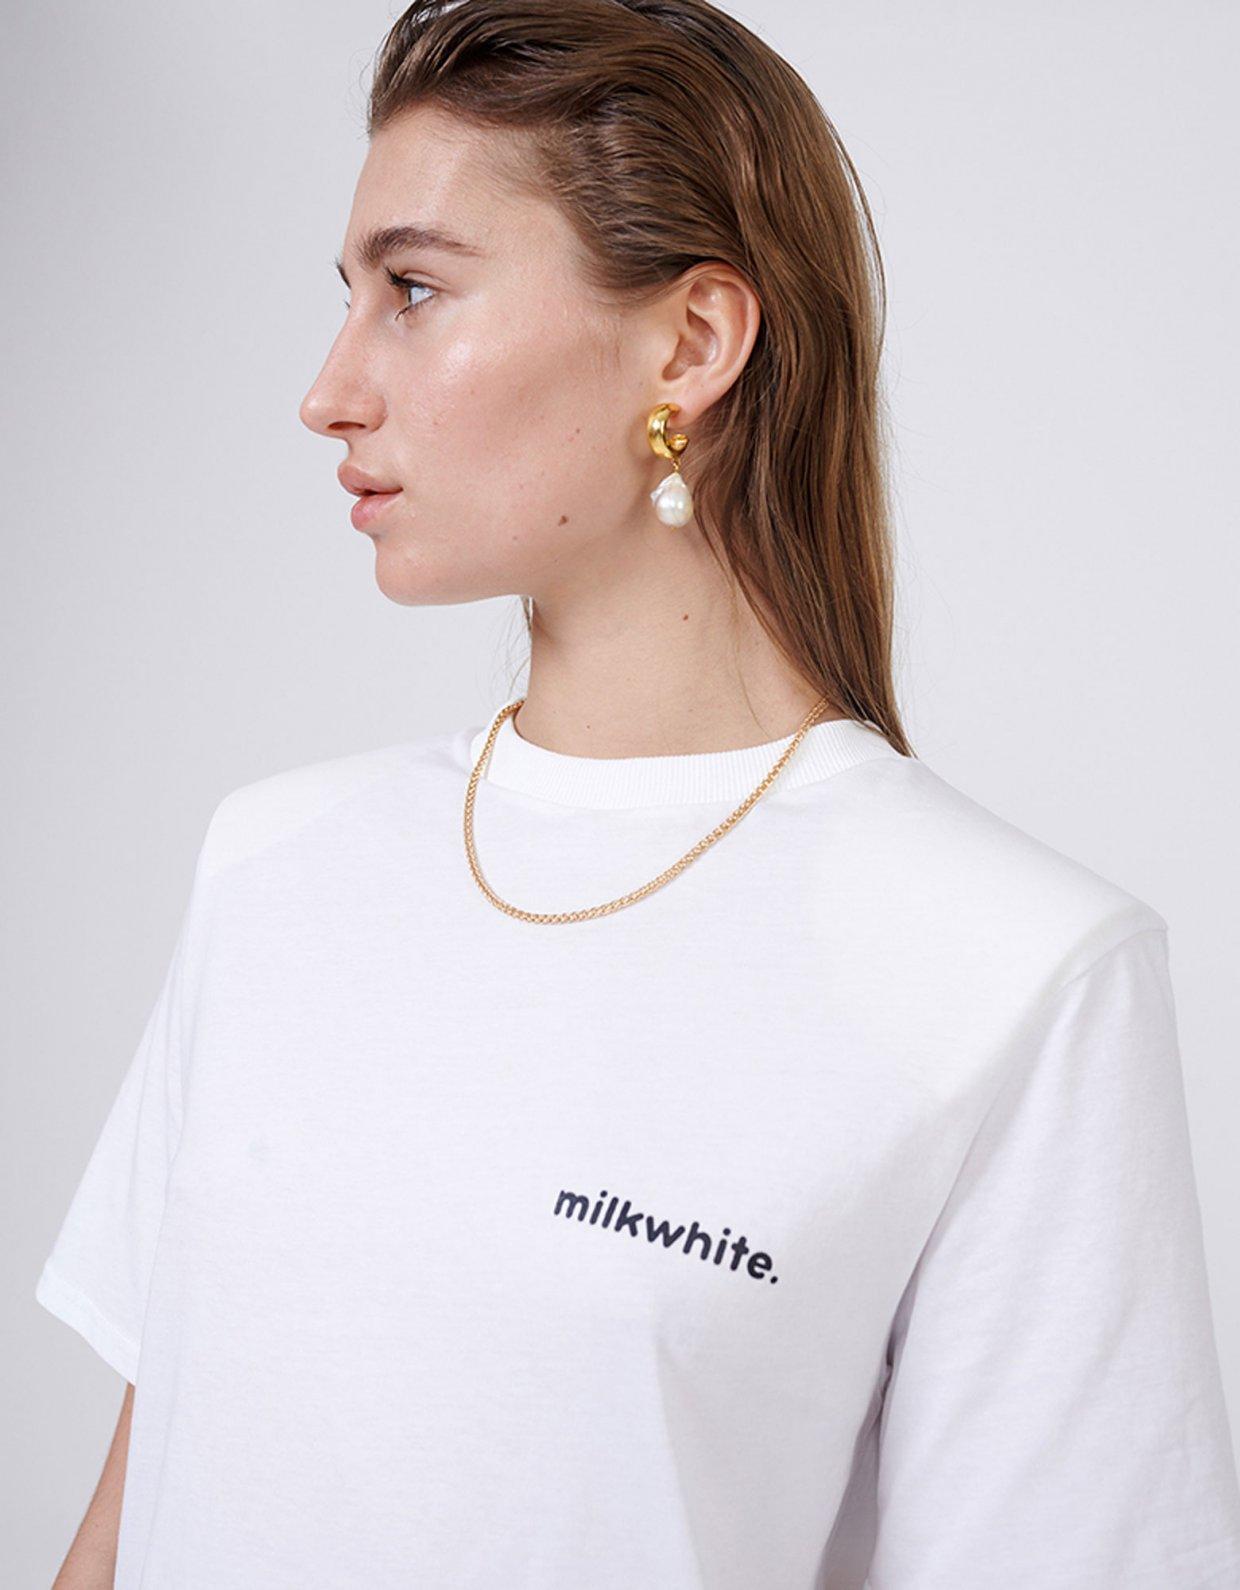 Milk White Milkwhite white t-shirt